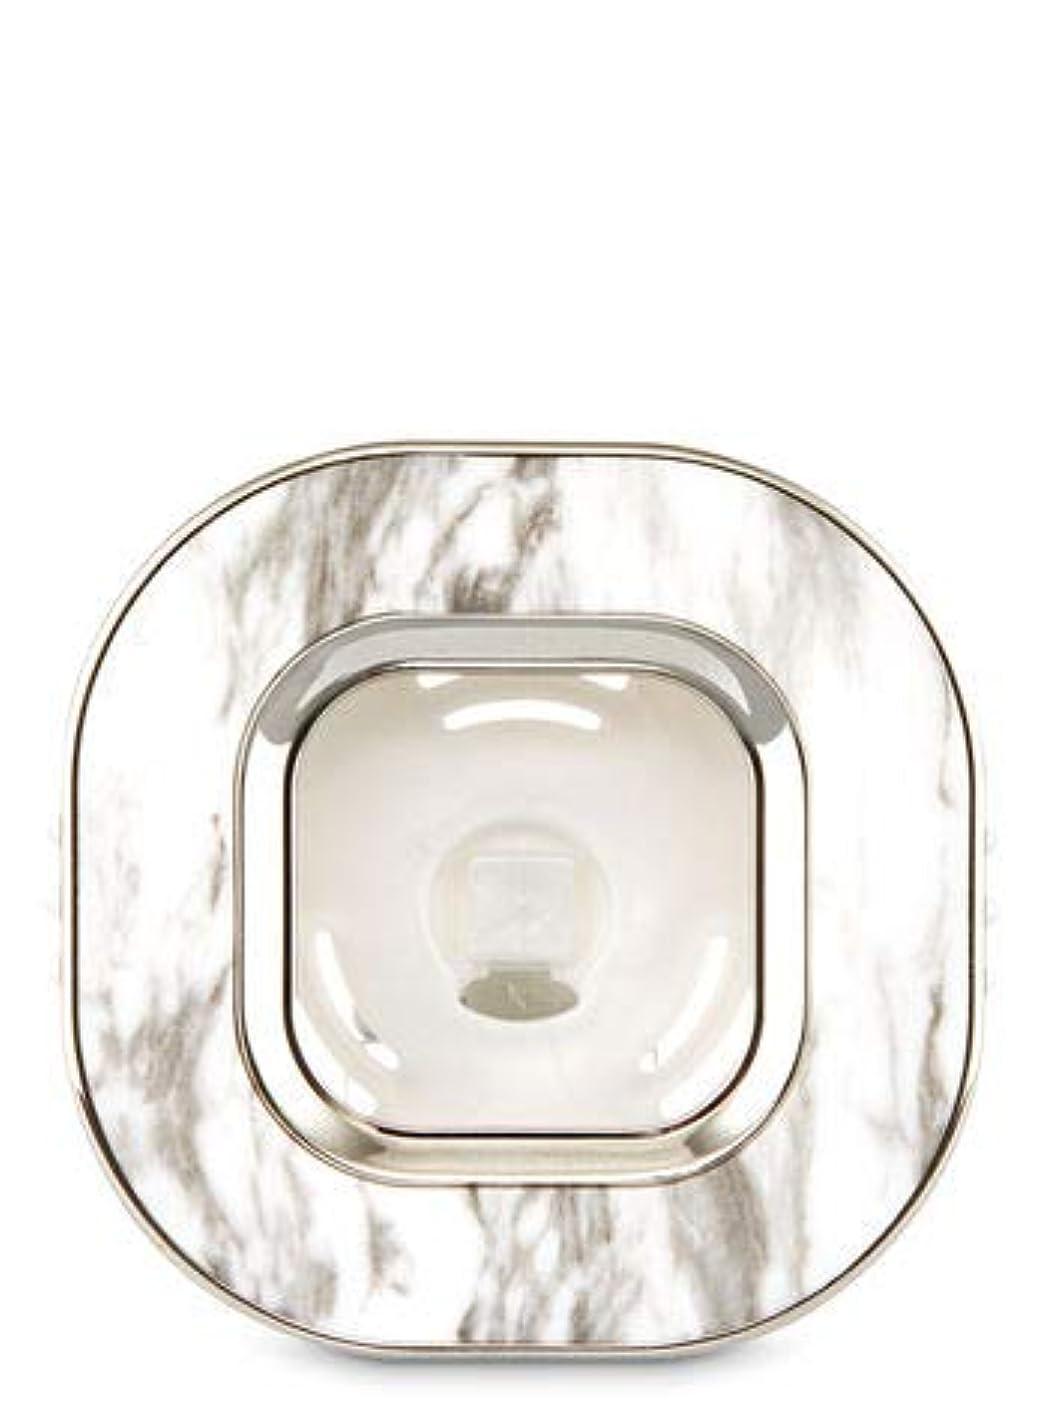 ディスコ運命アンタゴニスト【Bath&Body Works/バス&ボディワークス】 車用芳香剤 セントポータブル ホルダー (本体ケースのみ) マーブルスクエアー Scentportable Holder Marble Square Vent Clip [並行輸入品]